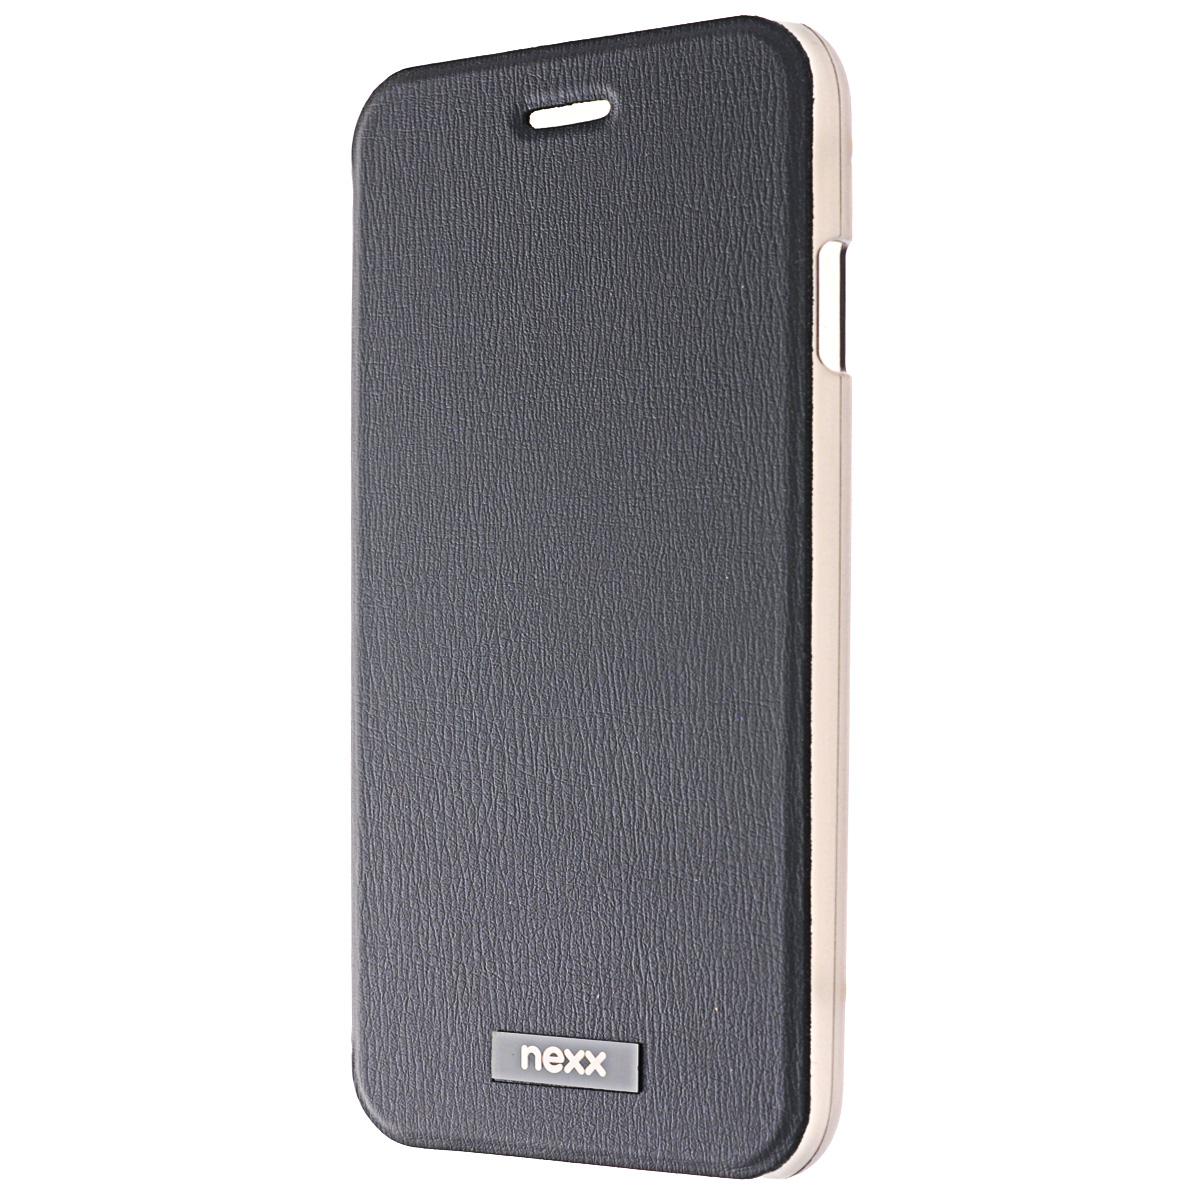 Nexx Ultra S чехол для iPhone 6, BlackNX-MB-US-104-BKУльтратонкий суперлегкий чехол Nexx Ultra S для iPhone 6. Элегантный дизайн, отделка из высококачественной эко-кожи и специальное отделение для пластиковой карты делают Ultra S незаменимым атрибутом делового стиля. Прозрачное пластиковое основание надежно фиксирует ваш смартфон и сохраняет его аутентичный дизайн. Тщательно продуманная конструкция Ultra S обеспечивает полный доступ ко всем функциям устройства, а подкладка из микрофибры защищает экран от царапин.